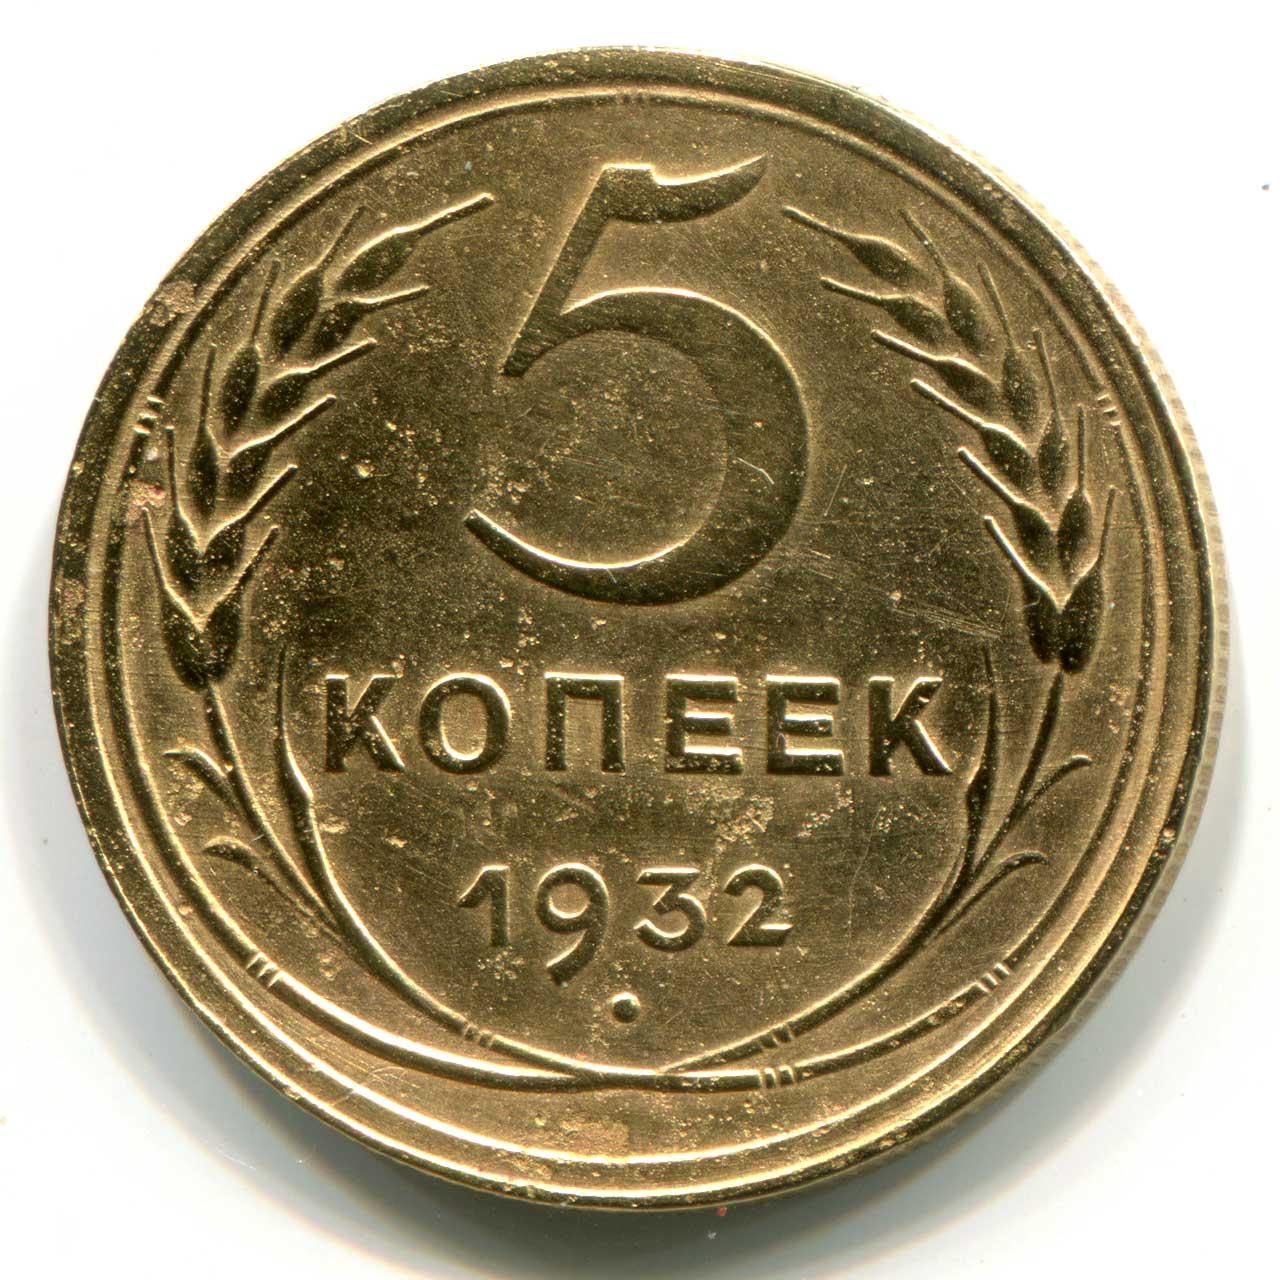 Продать монету 1932 года 1 рубль 1866 года цена серебро